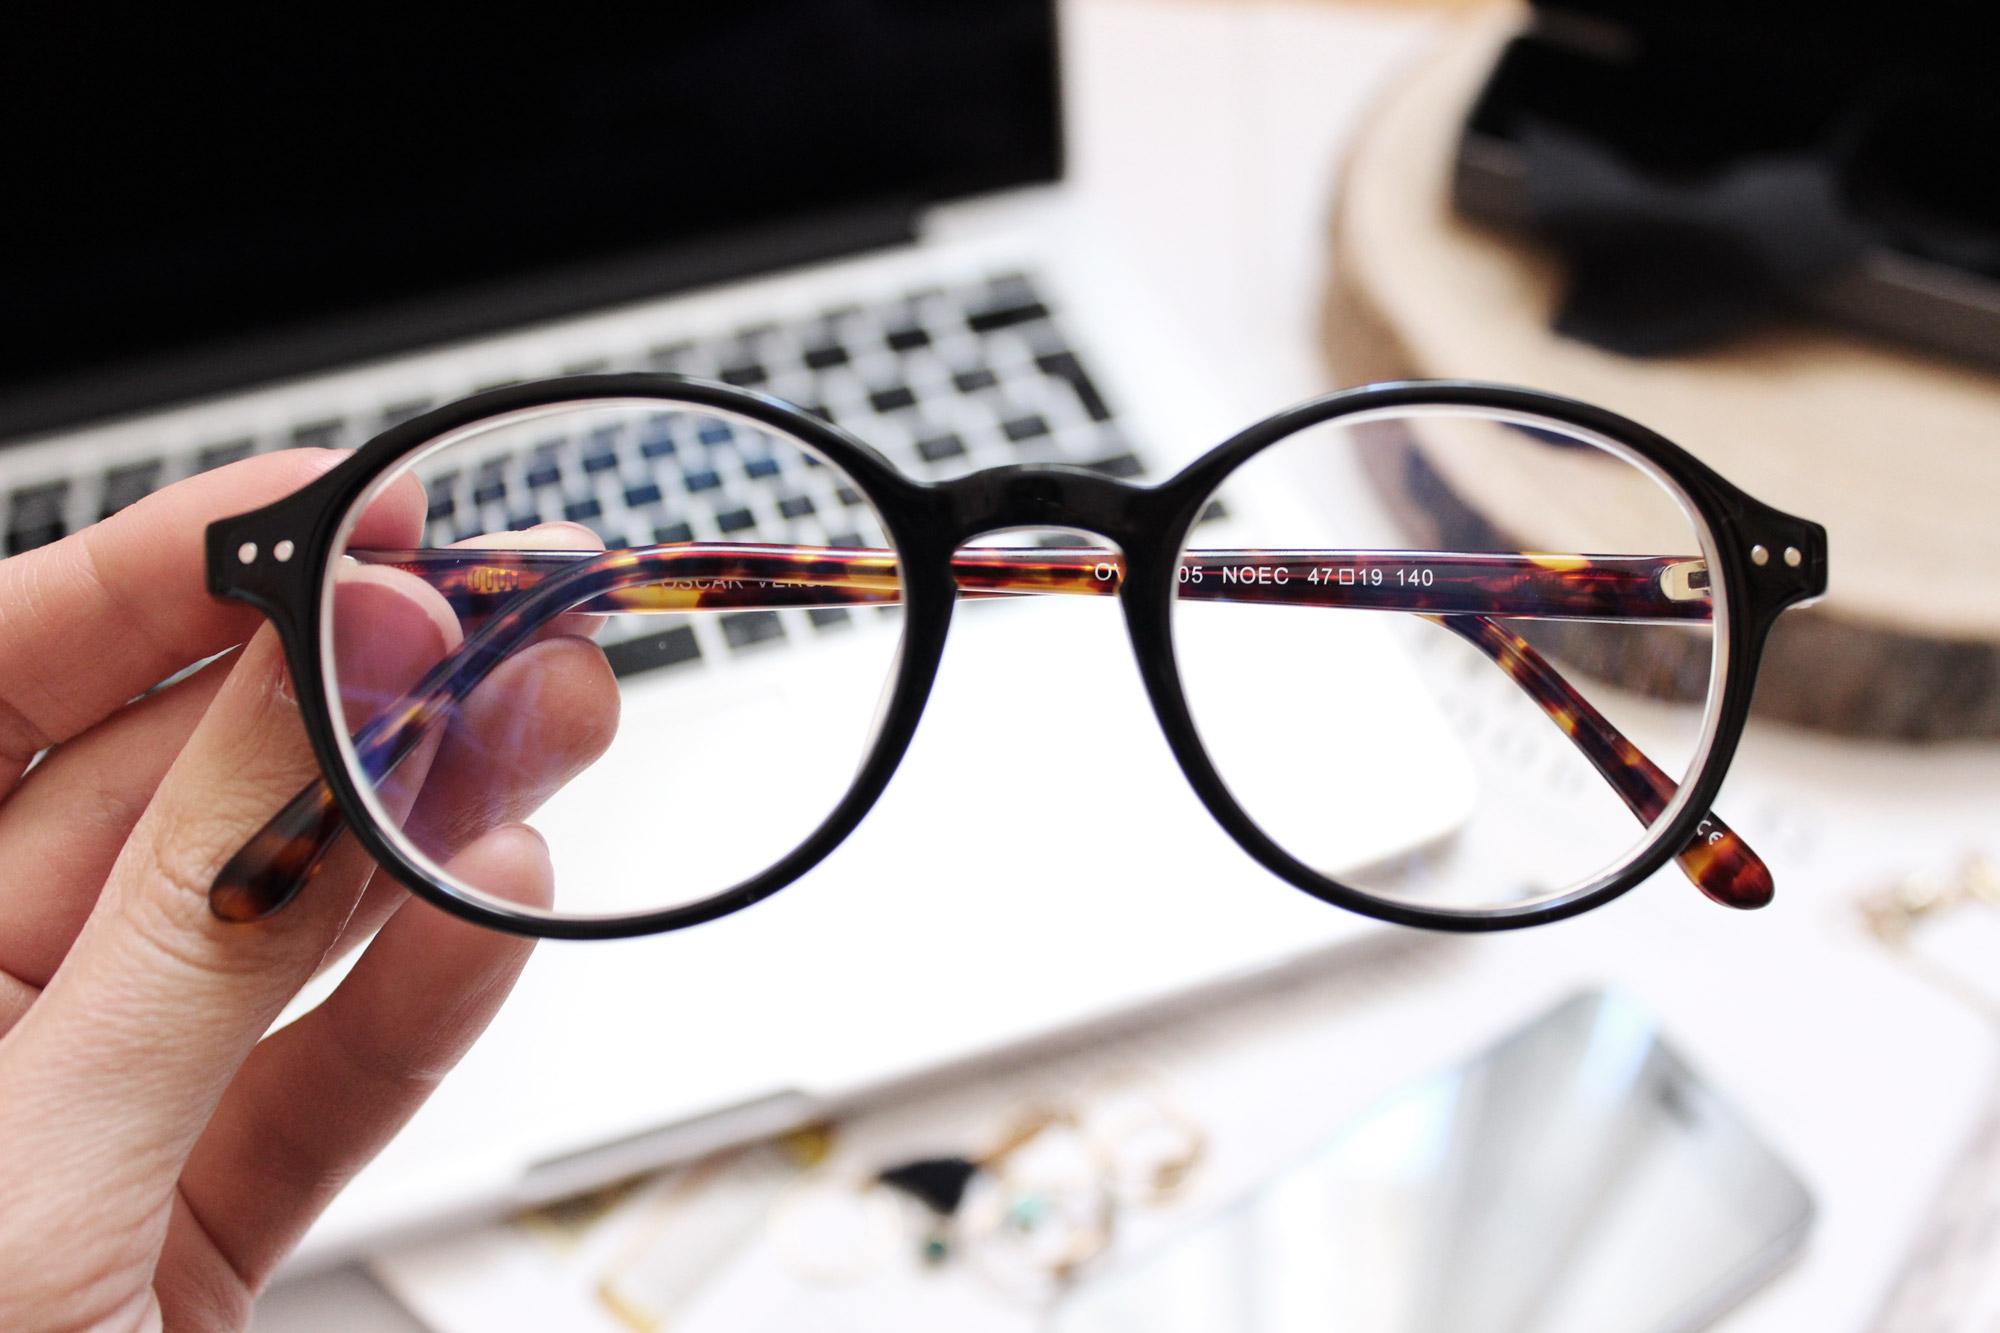 lunettes-oscar-version-ar-max-blue-uv